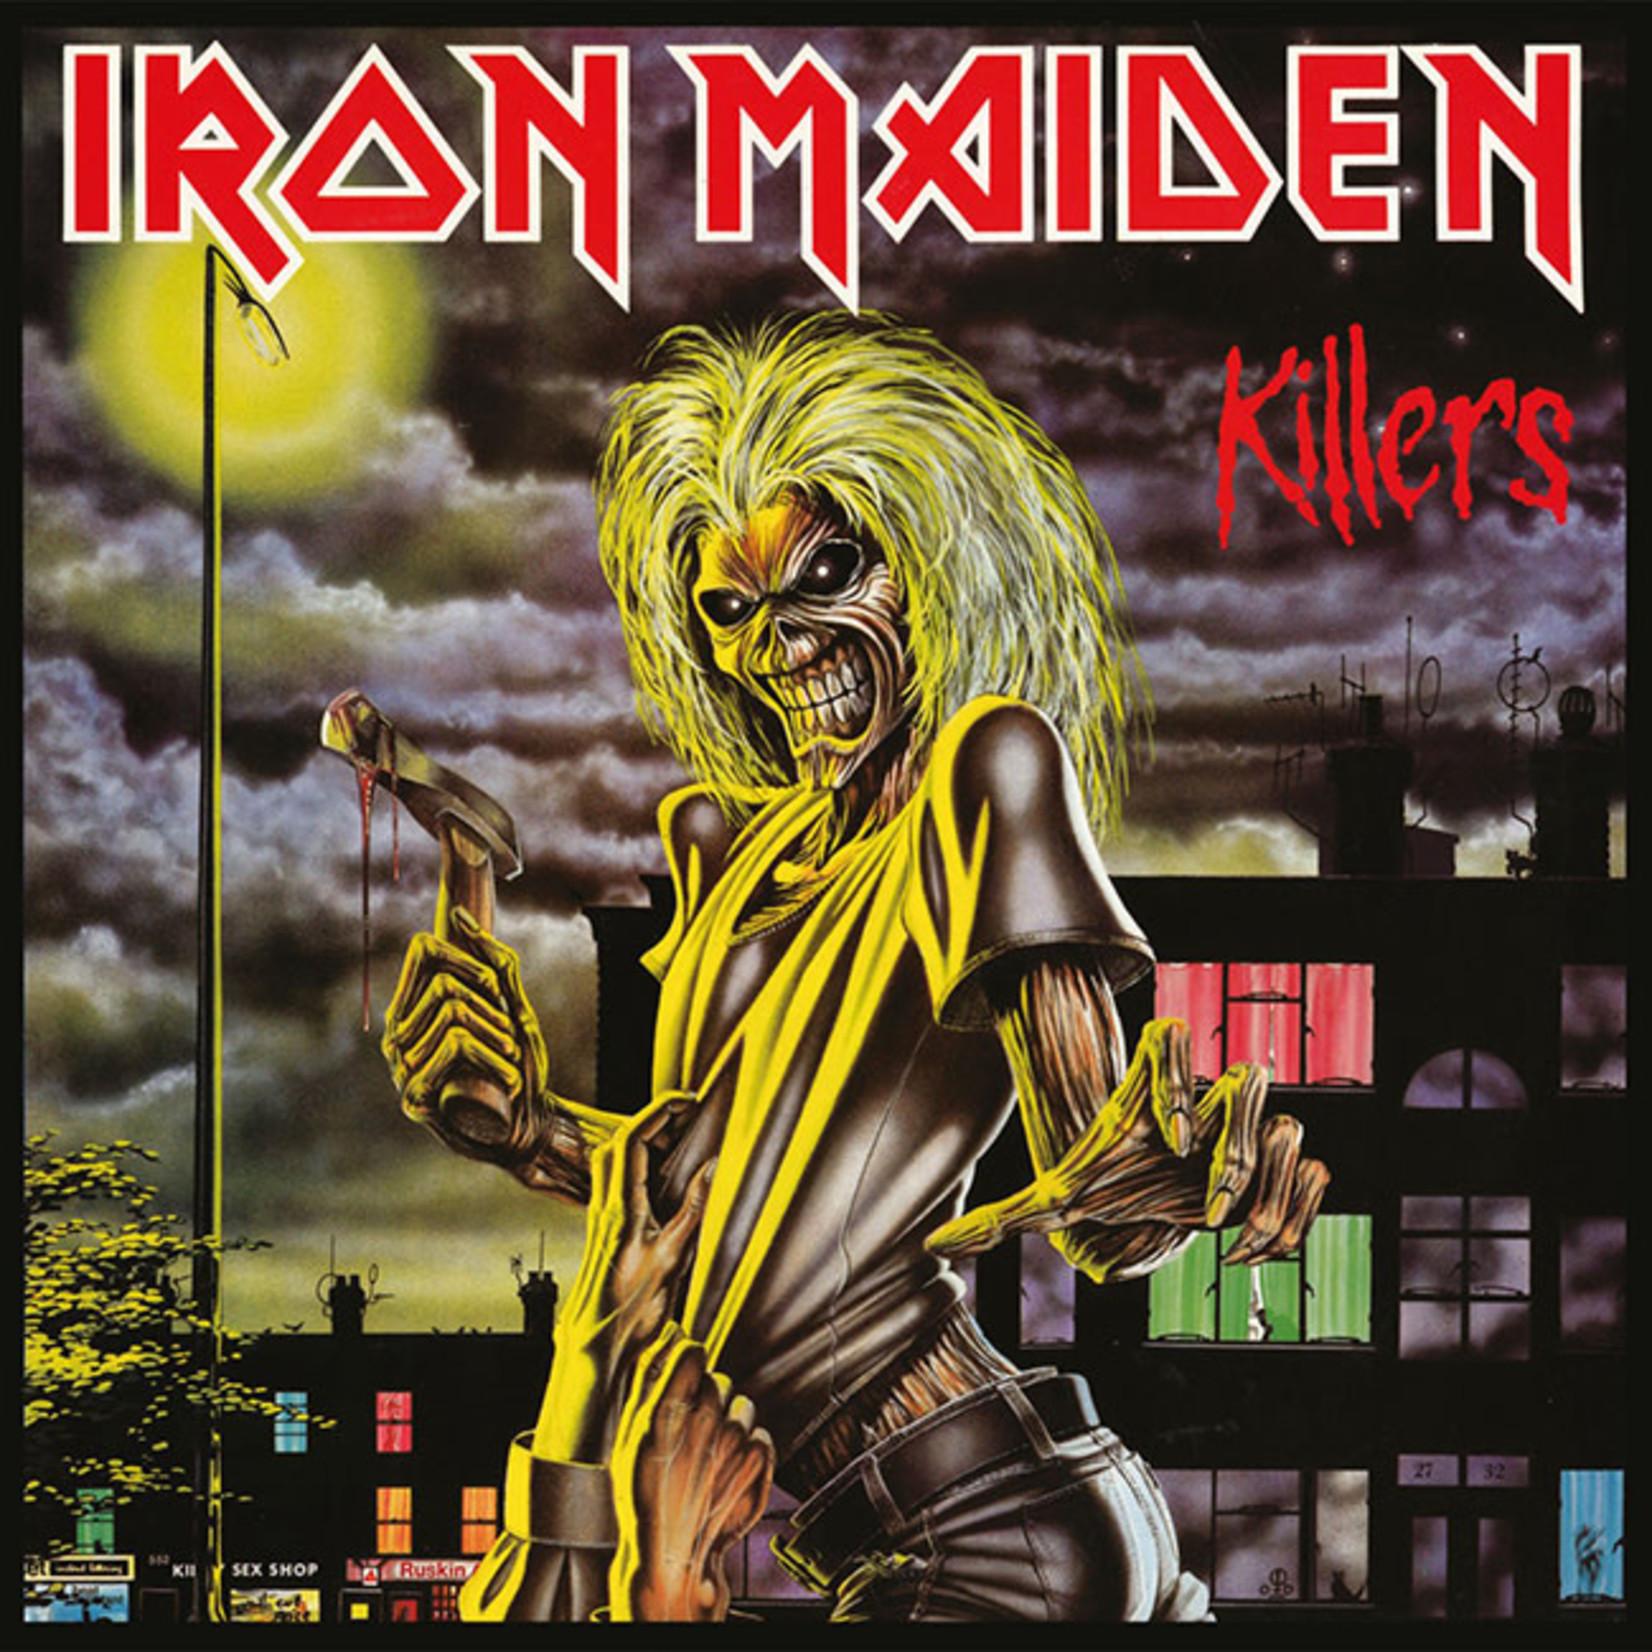 [New] Iron Maiden: Killers